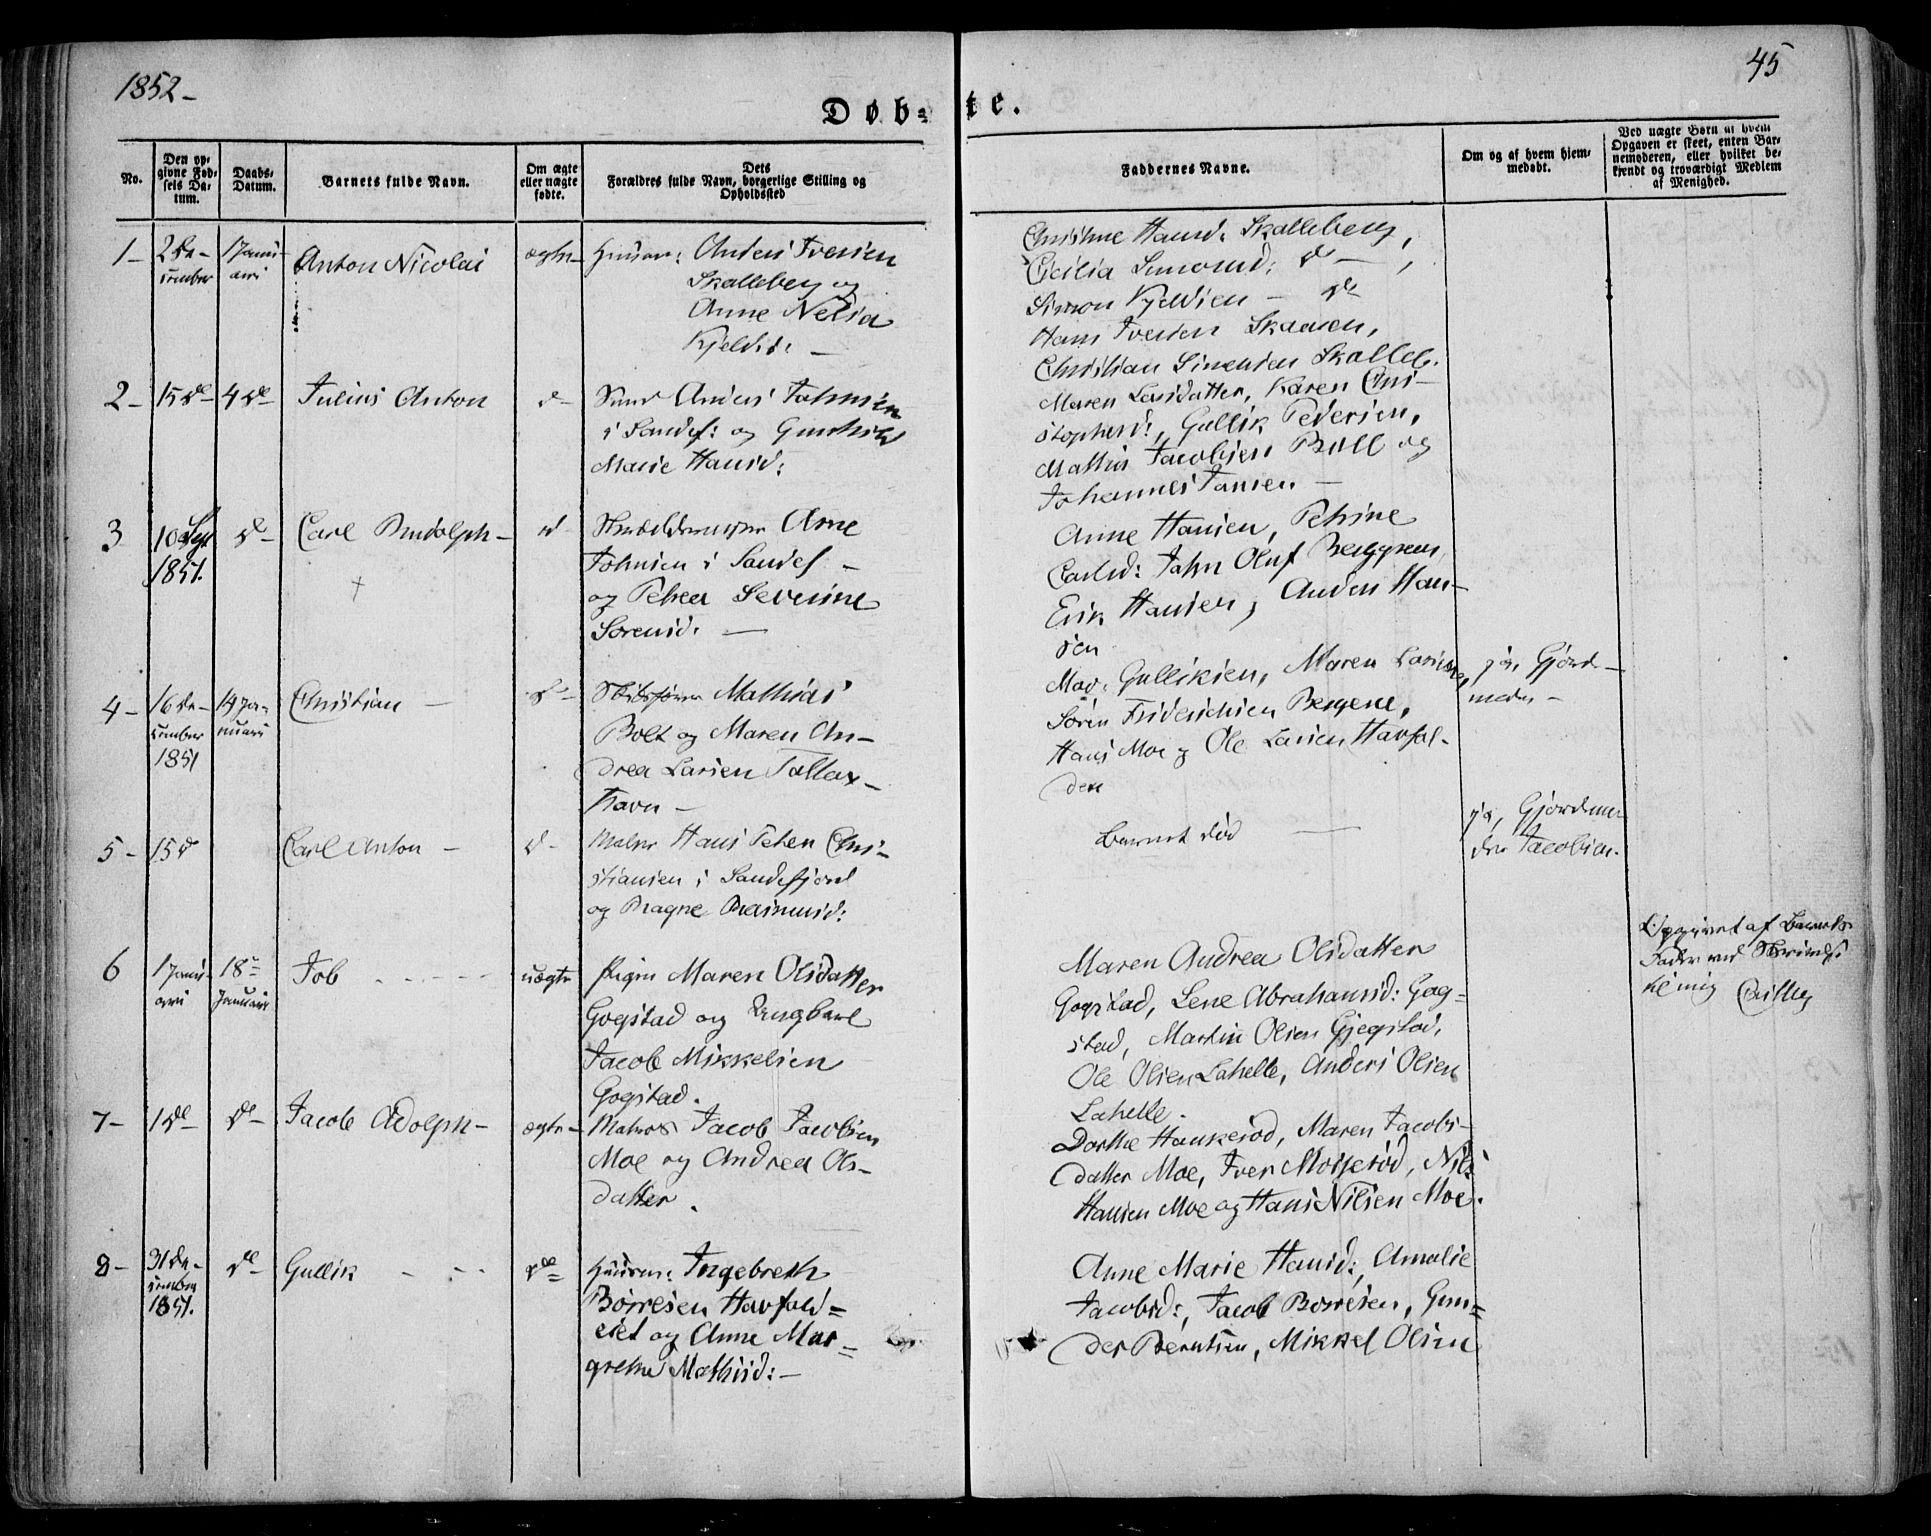 SAKO, Sandar kirkebøker, F/Fa/L0006: Ministerialbok nr. 6, 1847-1860, s. 45